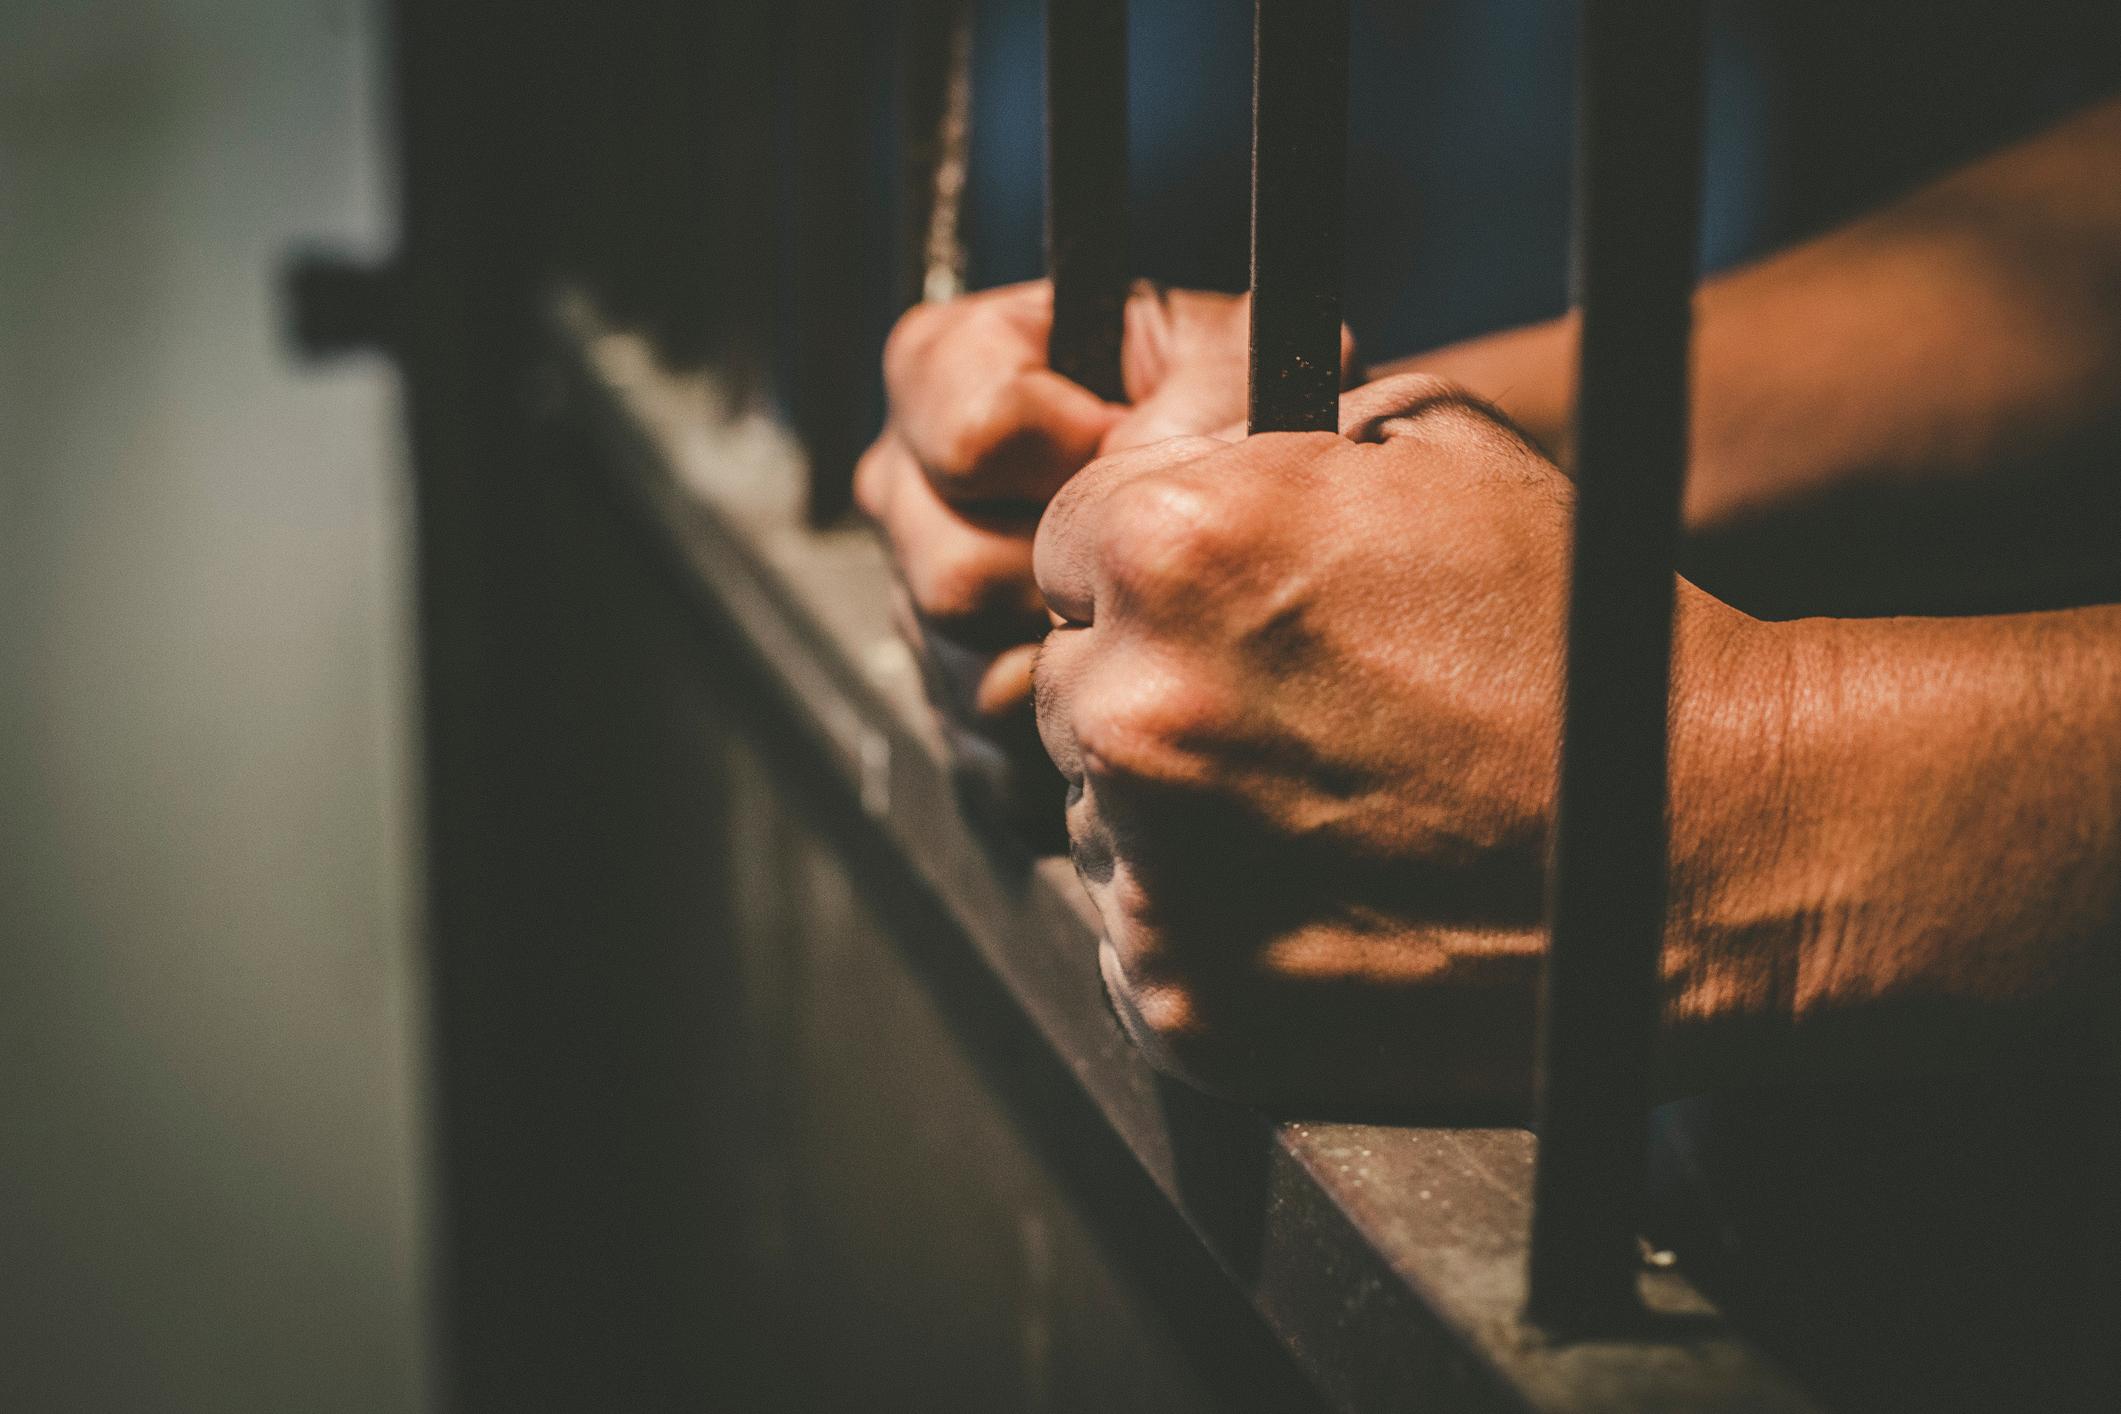 Cropped Hands Of Male Prisoner Holding Prison Bars